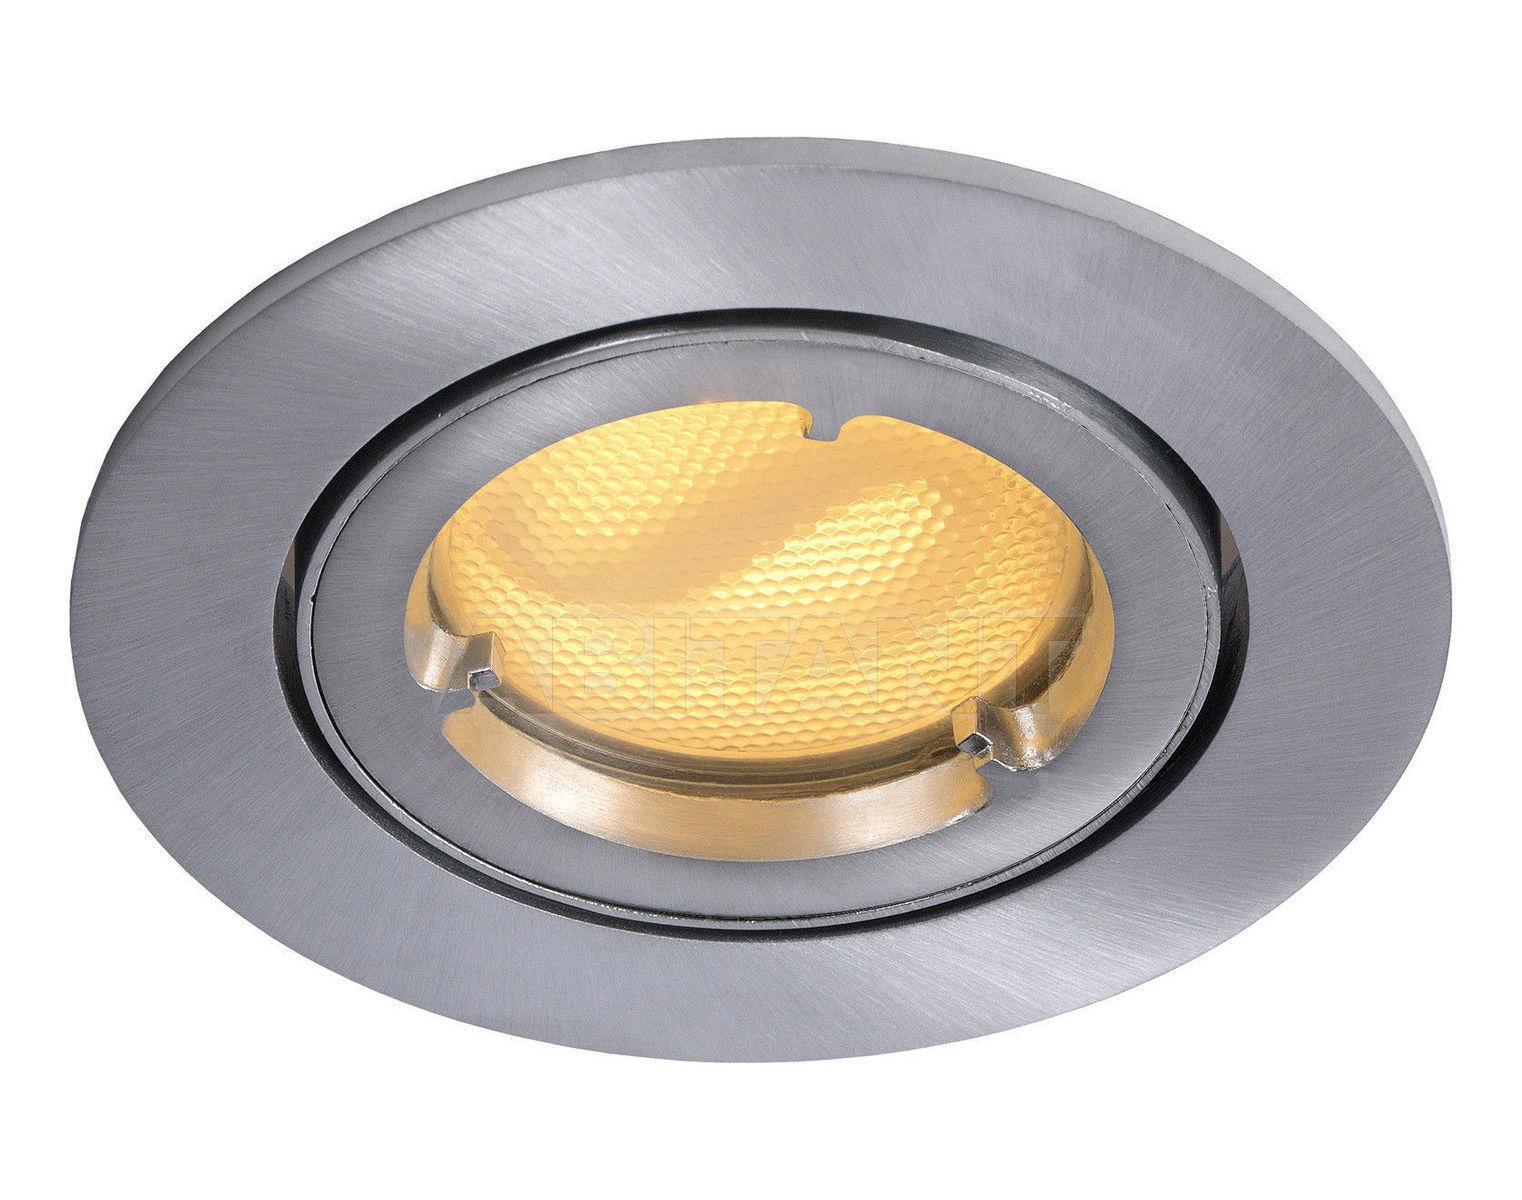 Купить Встраиваемый светильник BORA Lucide  Bathroom 22903/71/12